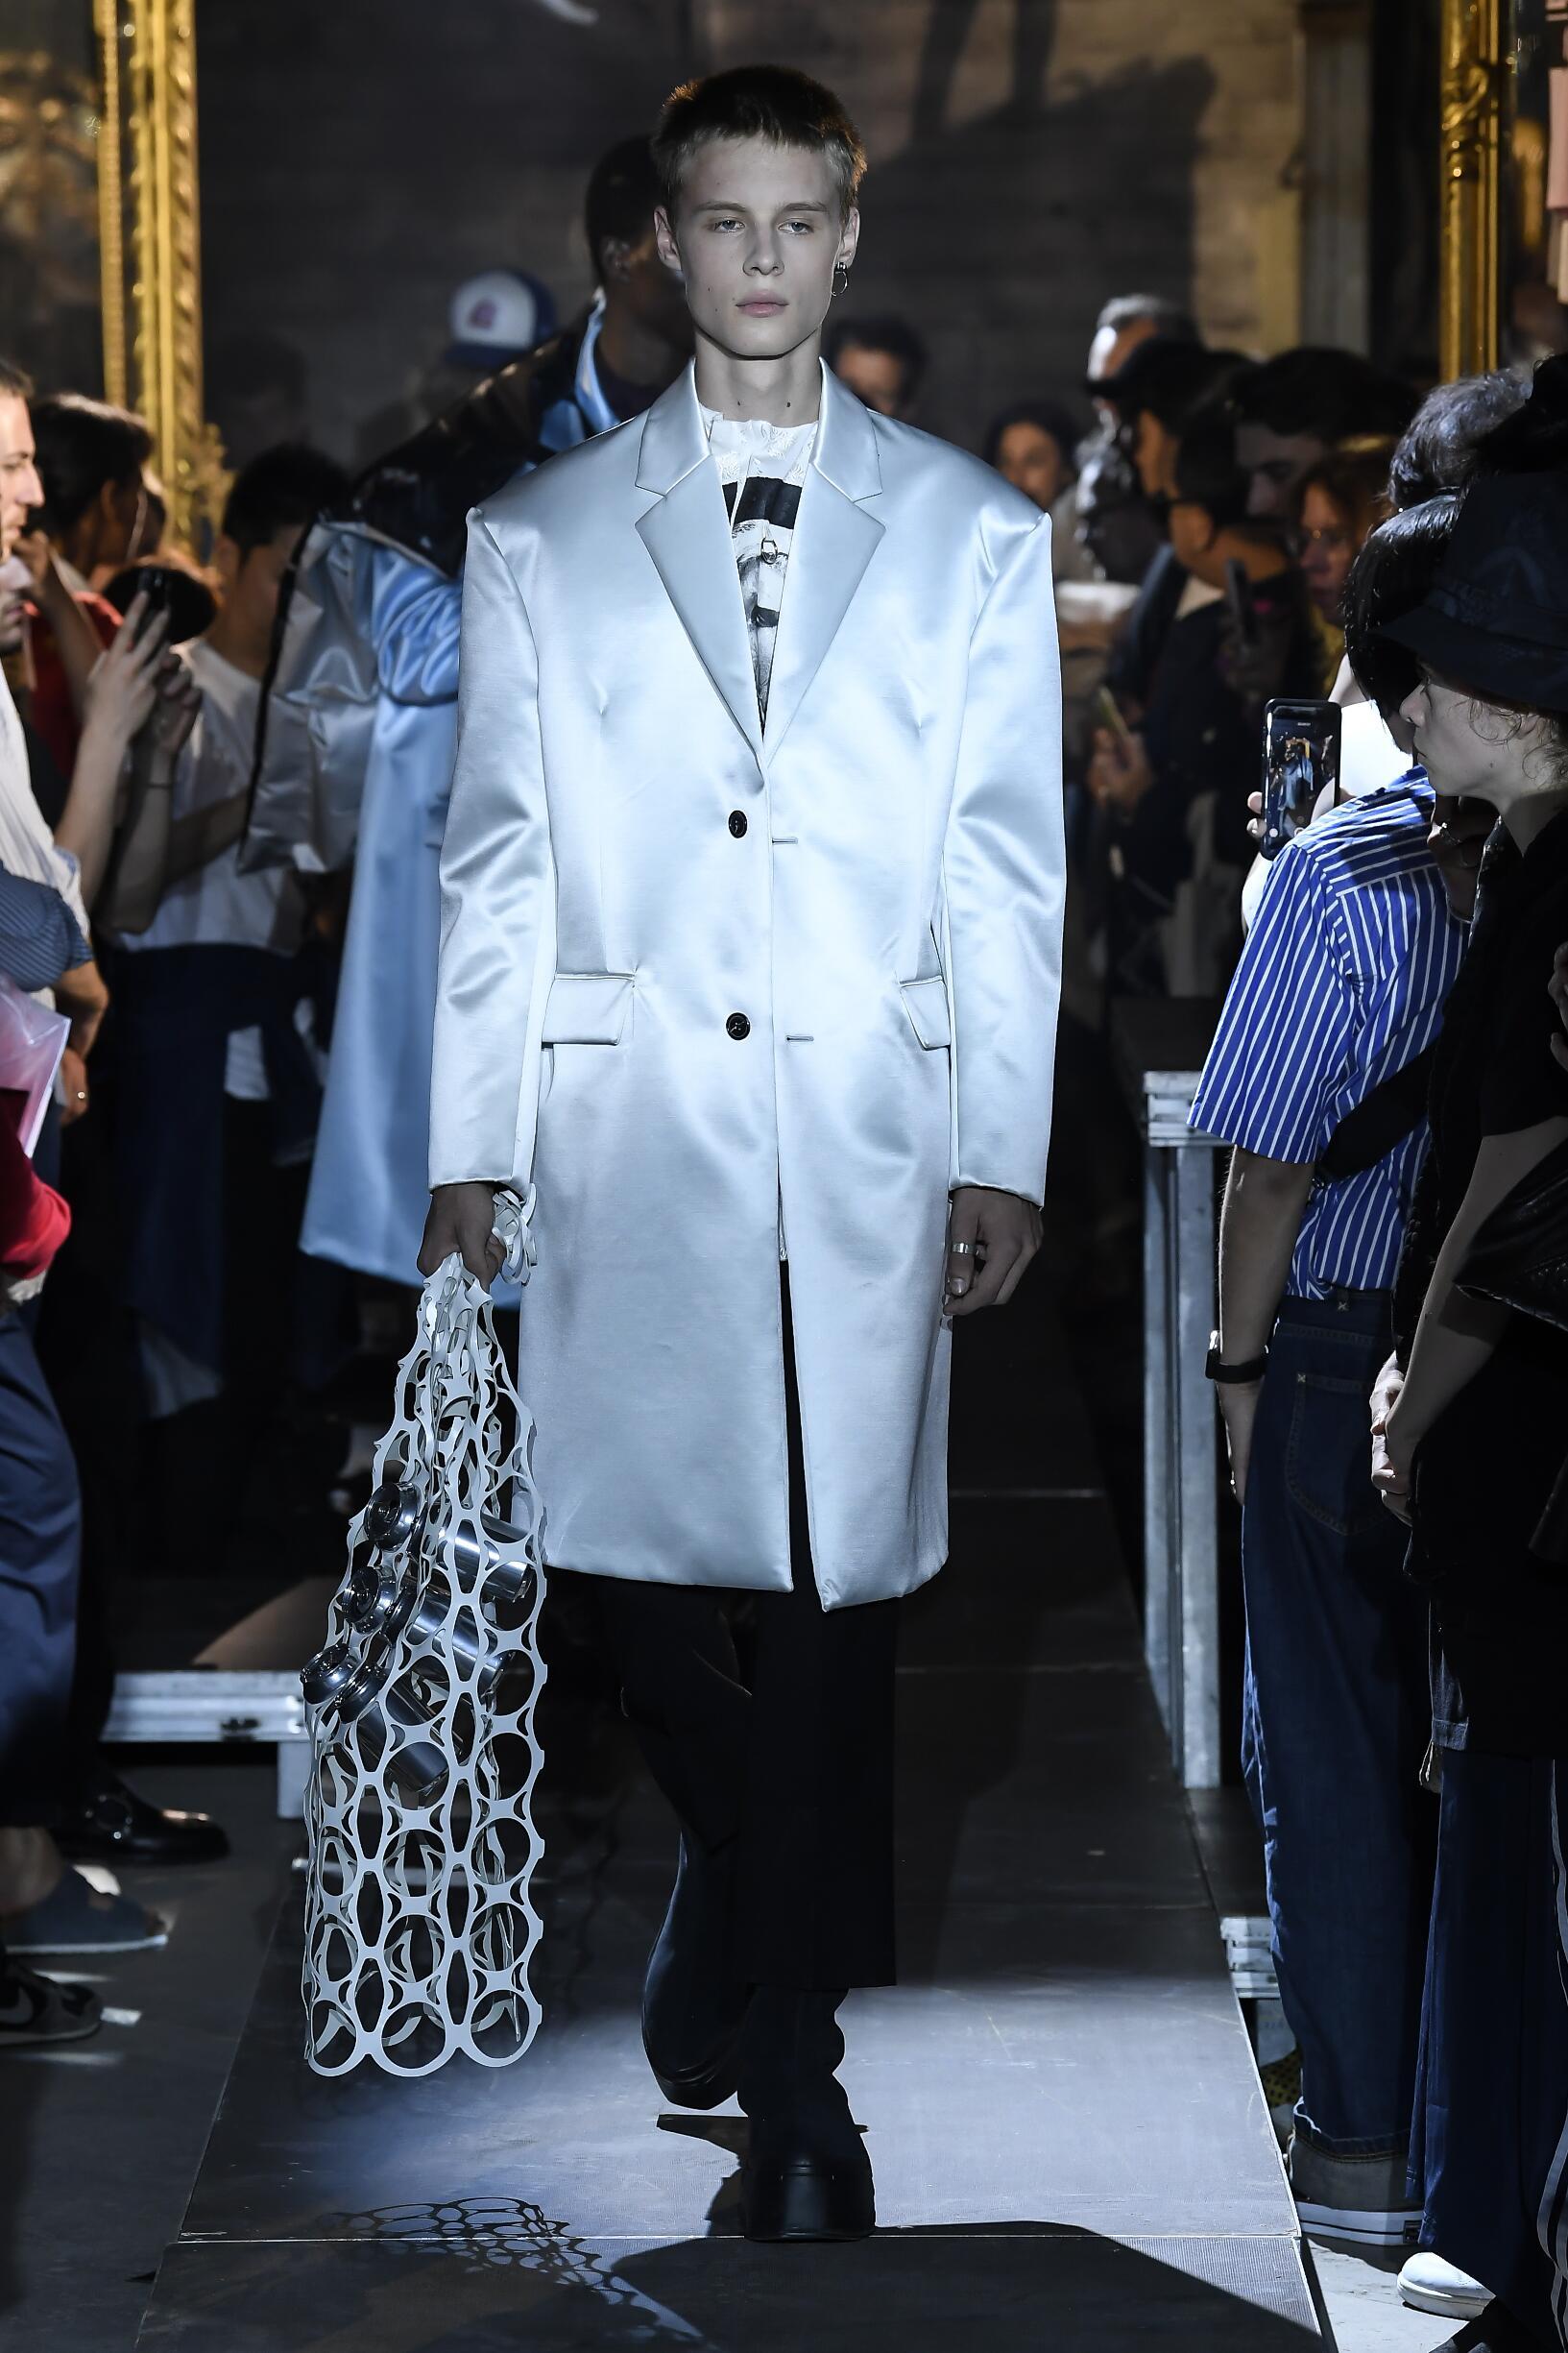 Raf Simons Fashion Show SS 2019